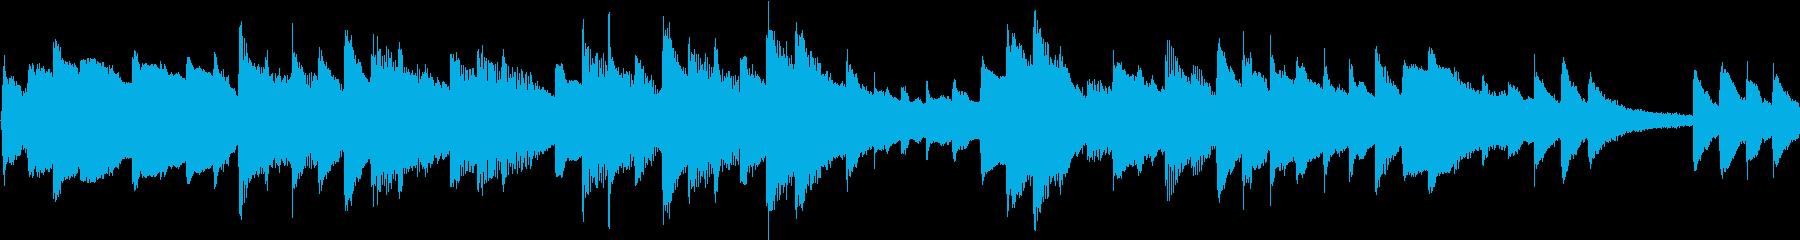 癒し系で穏やかなピアノソロ曲の再生済みの波形